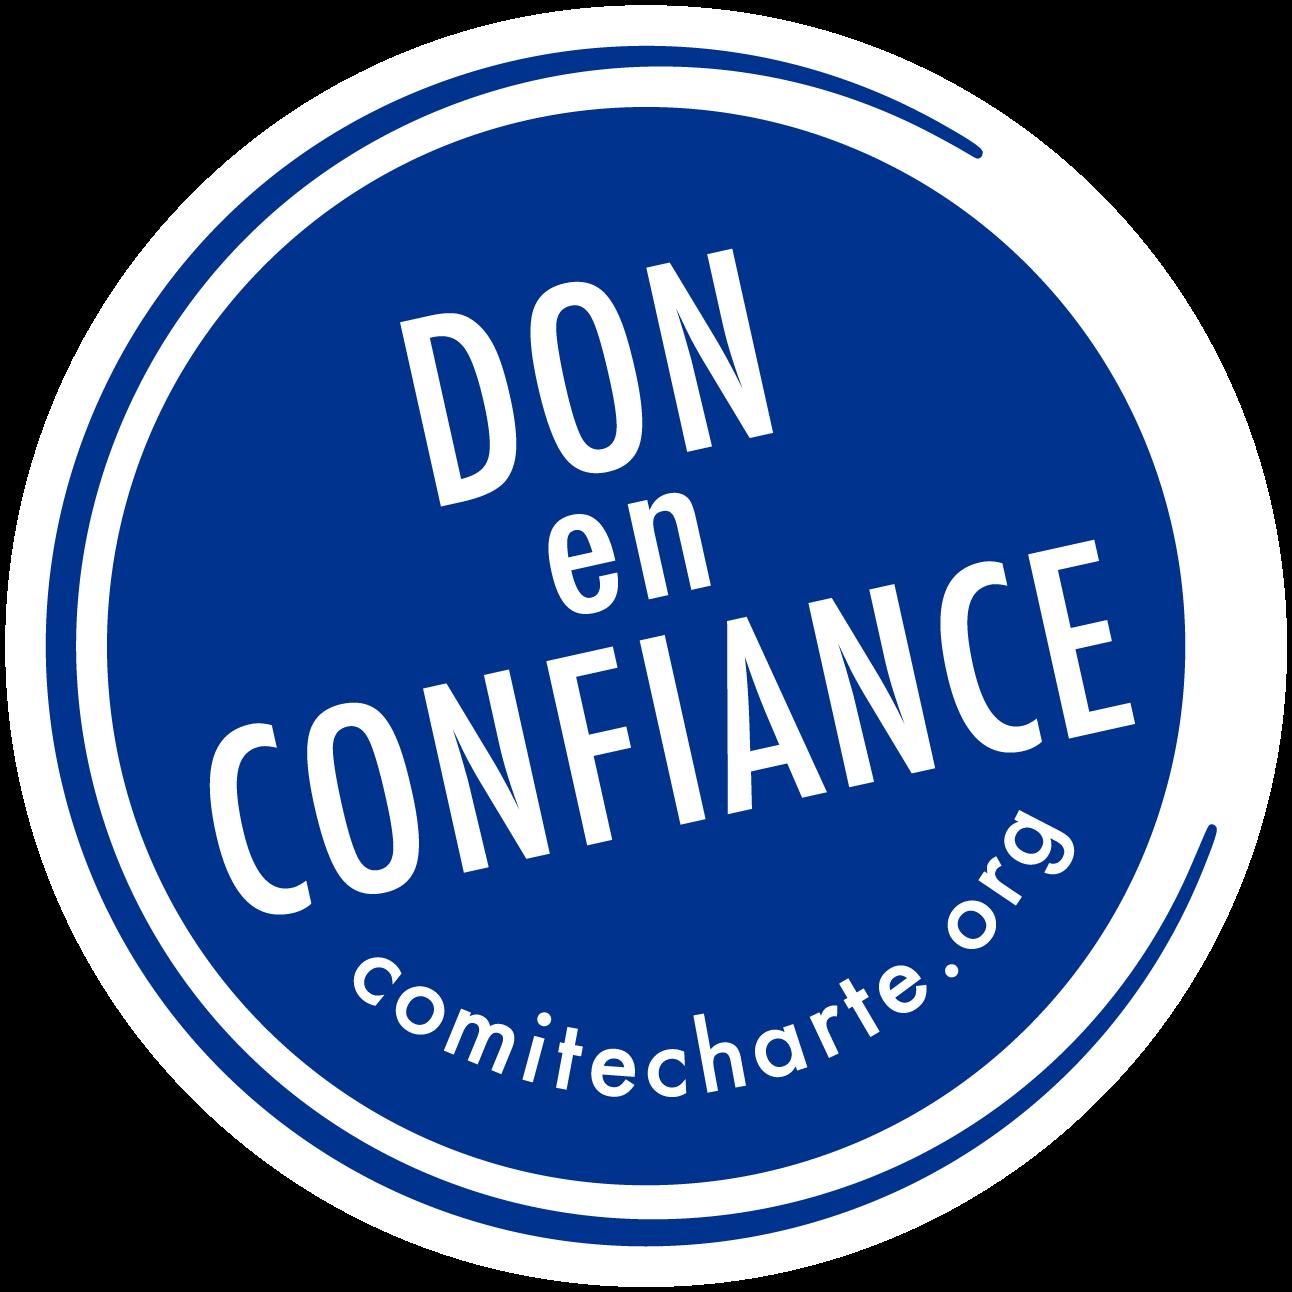 don_en_confiance